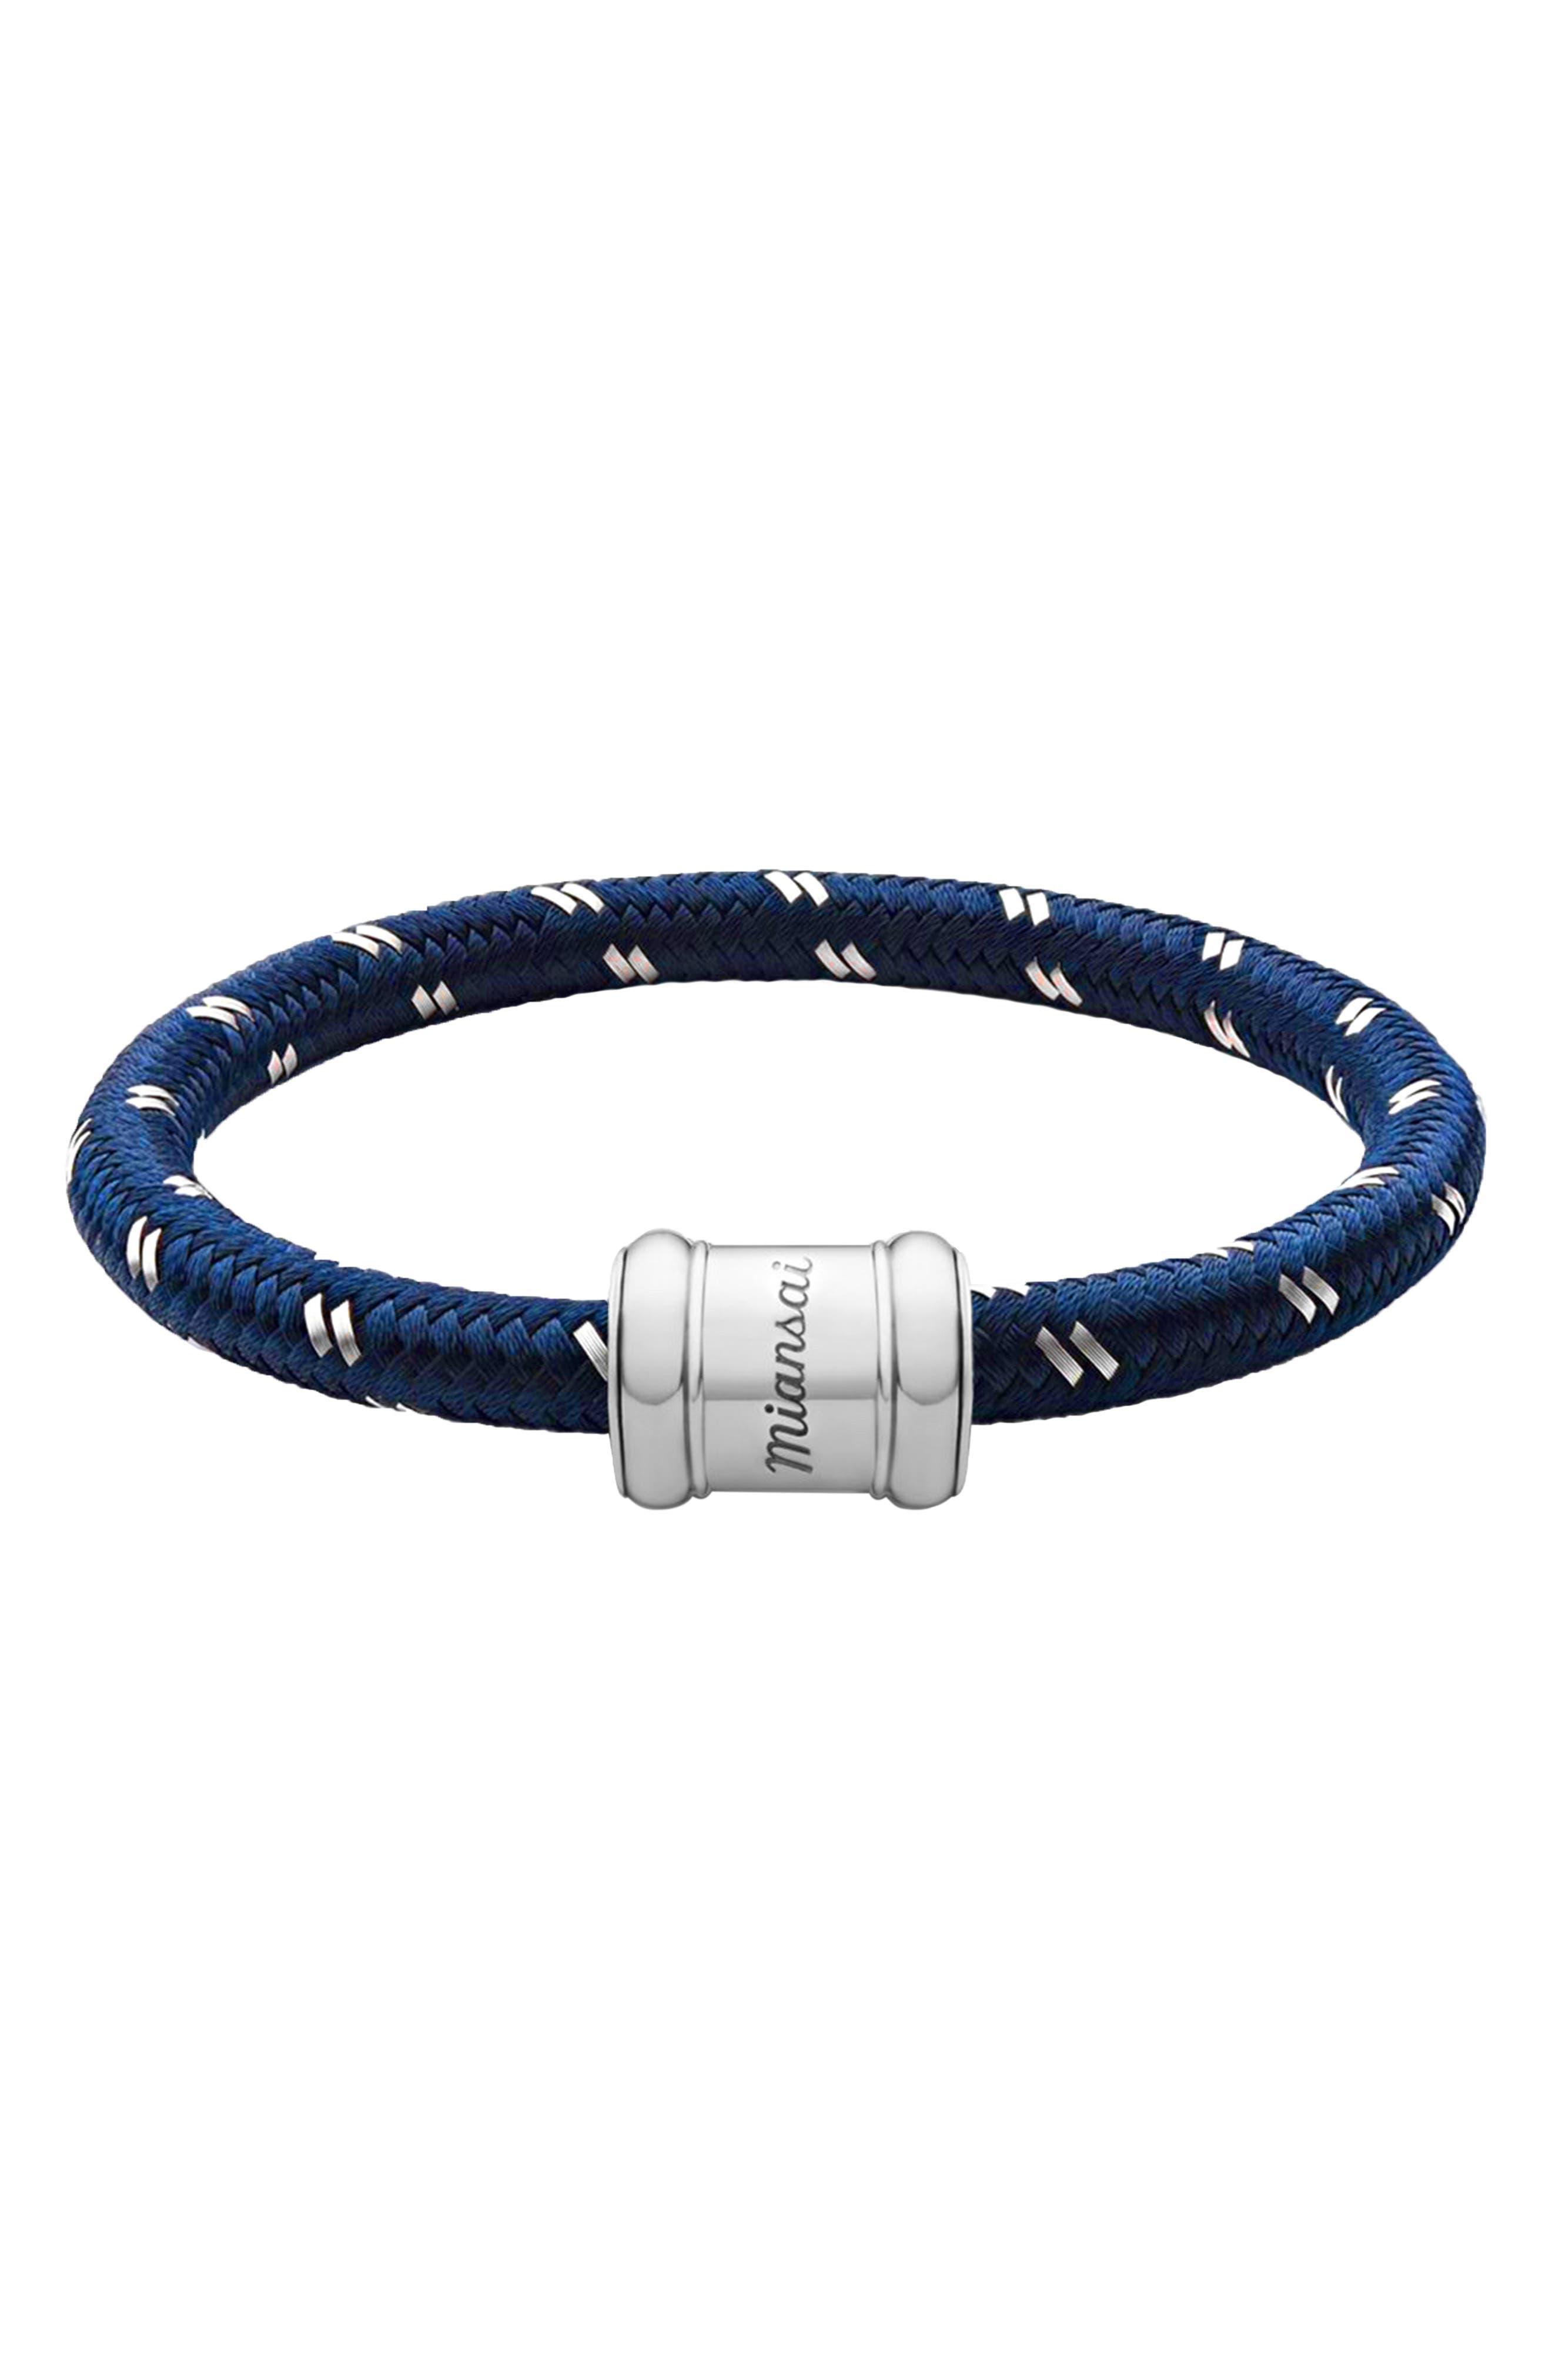 MIANSAI, Barrel Casing Nylon Woven Bracelet, Main thumbnail 1, color, SENECA